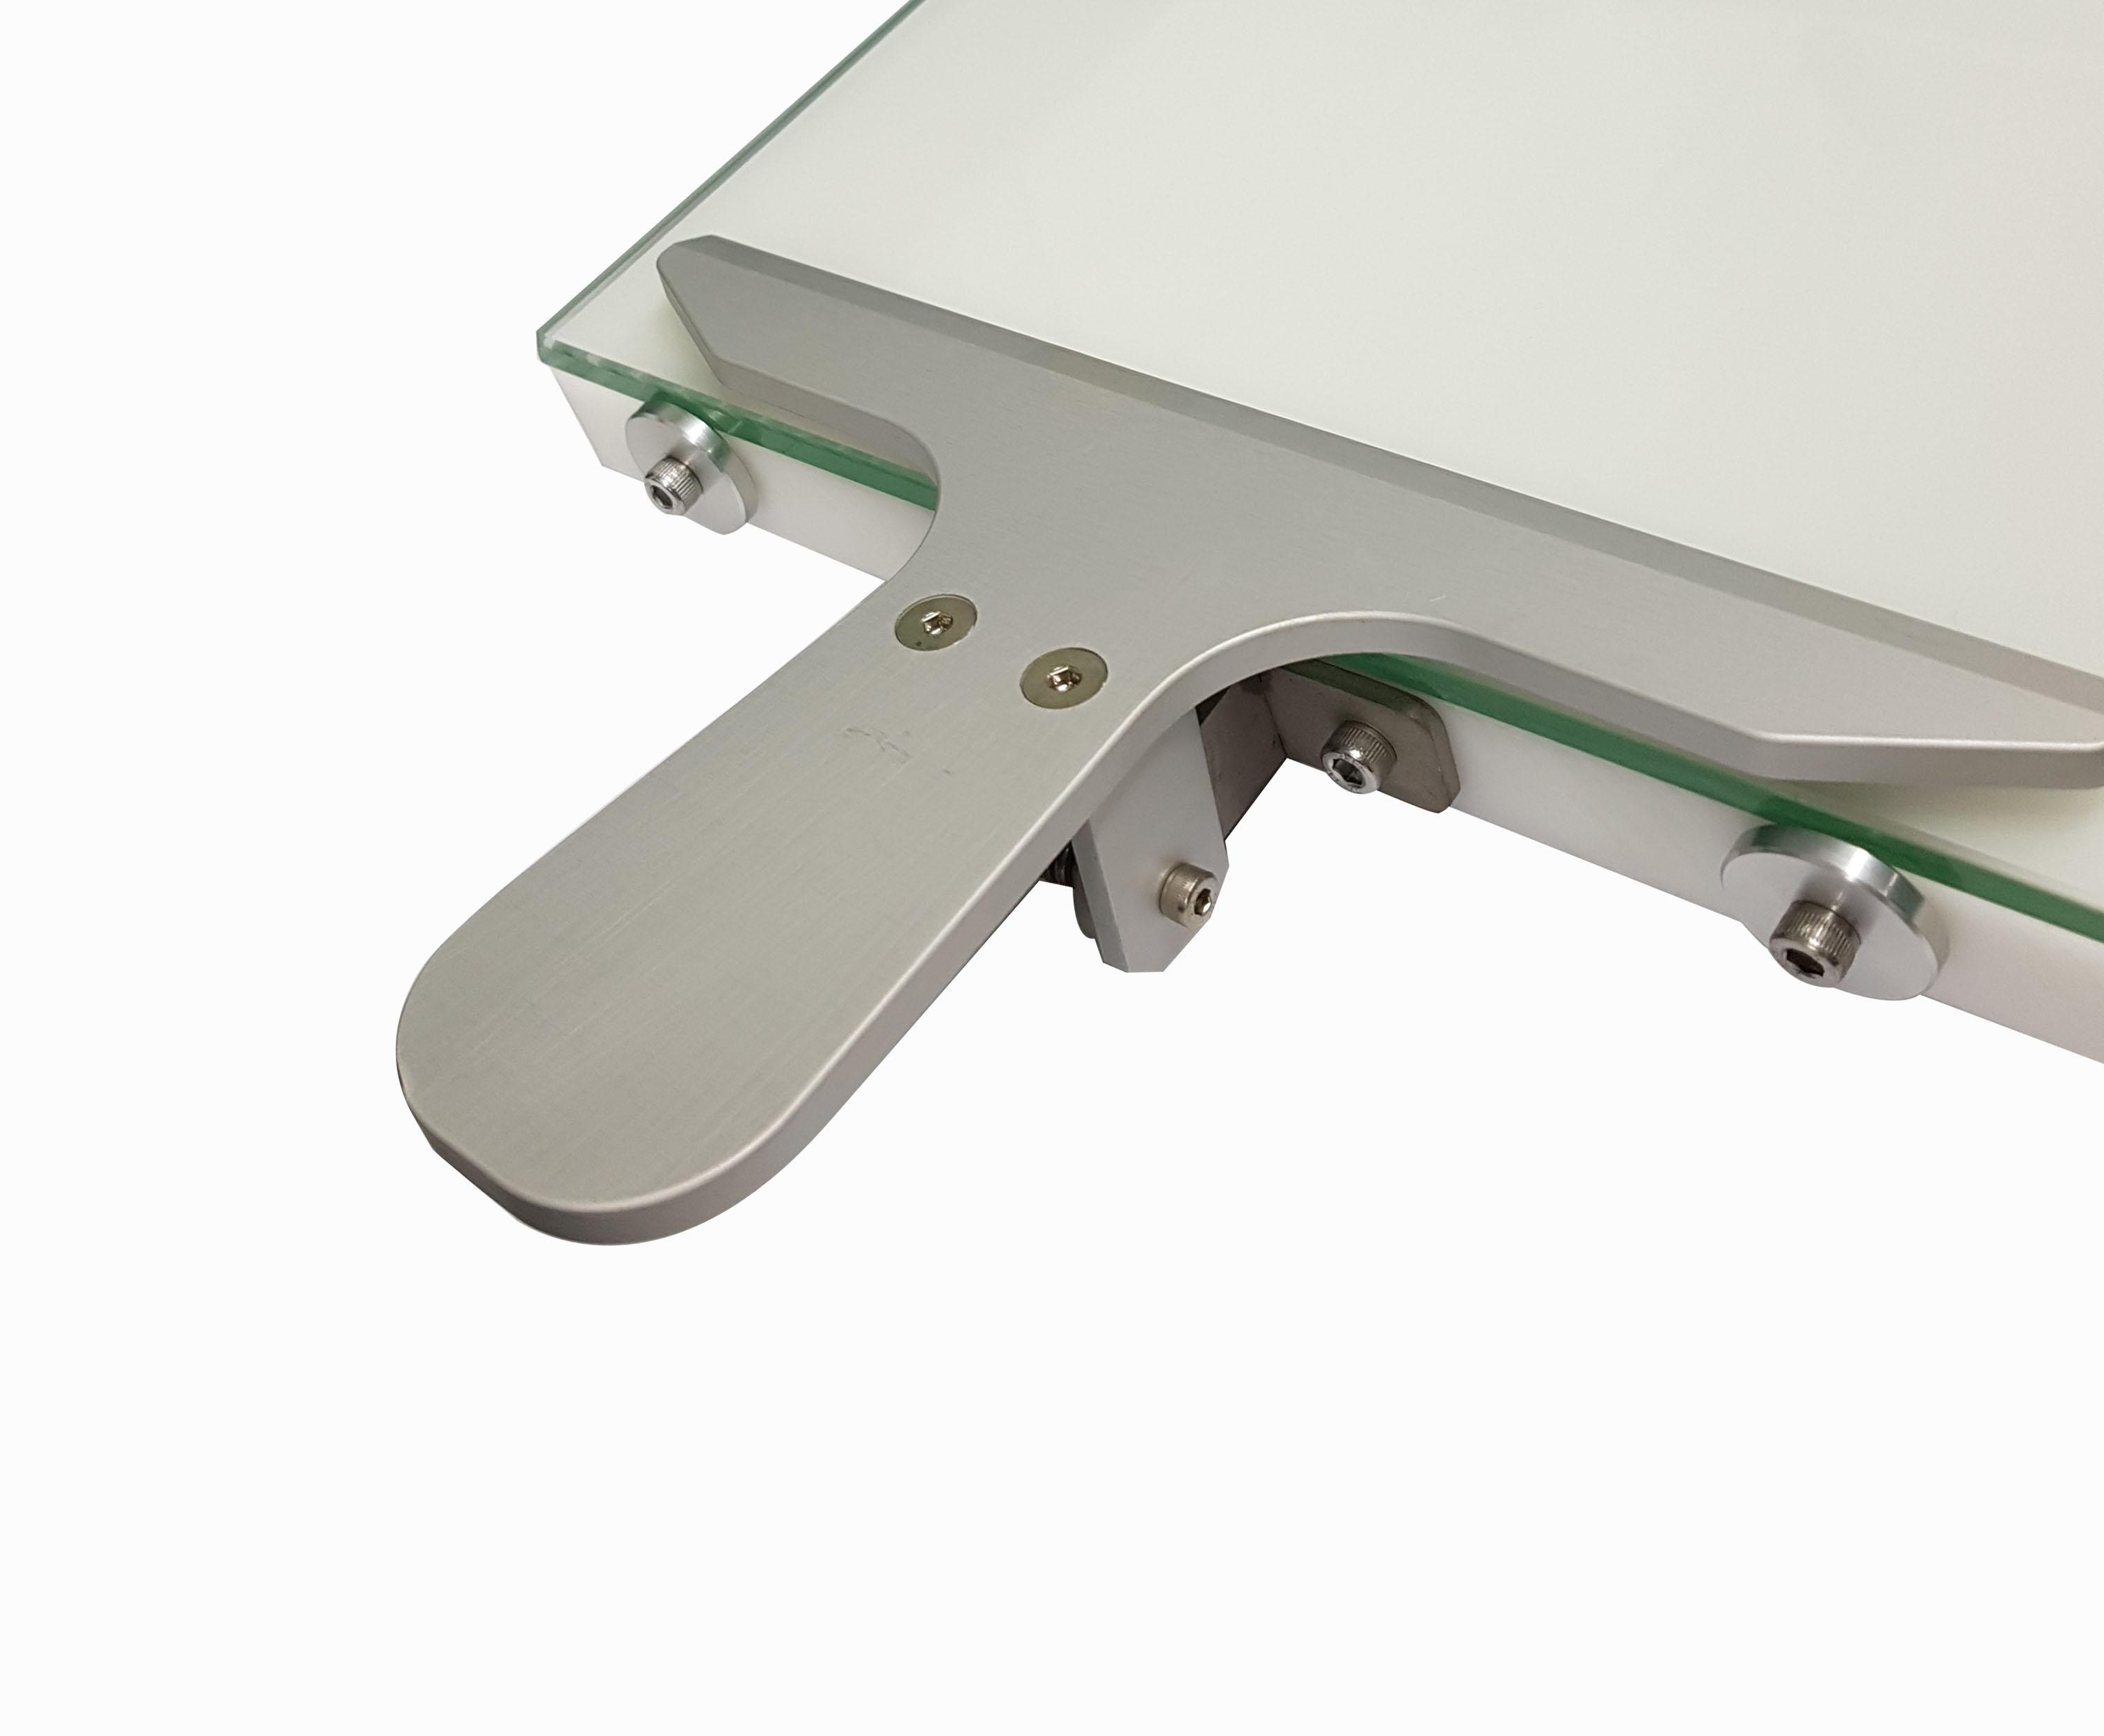 코팅베드 (Coating plate)